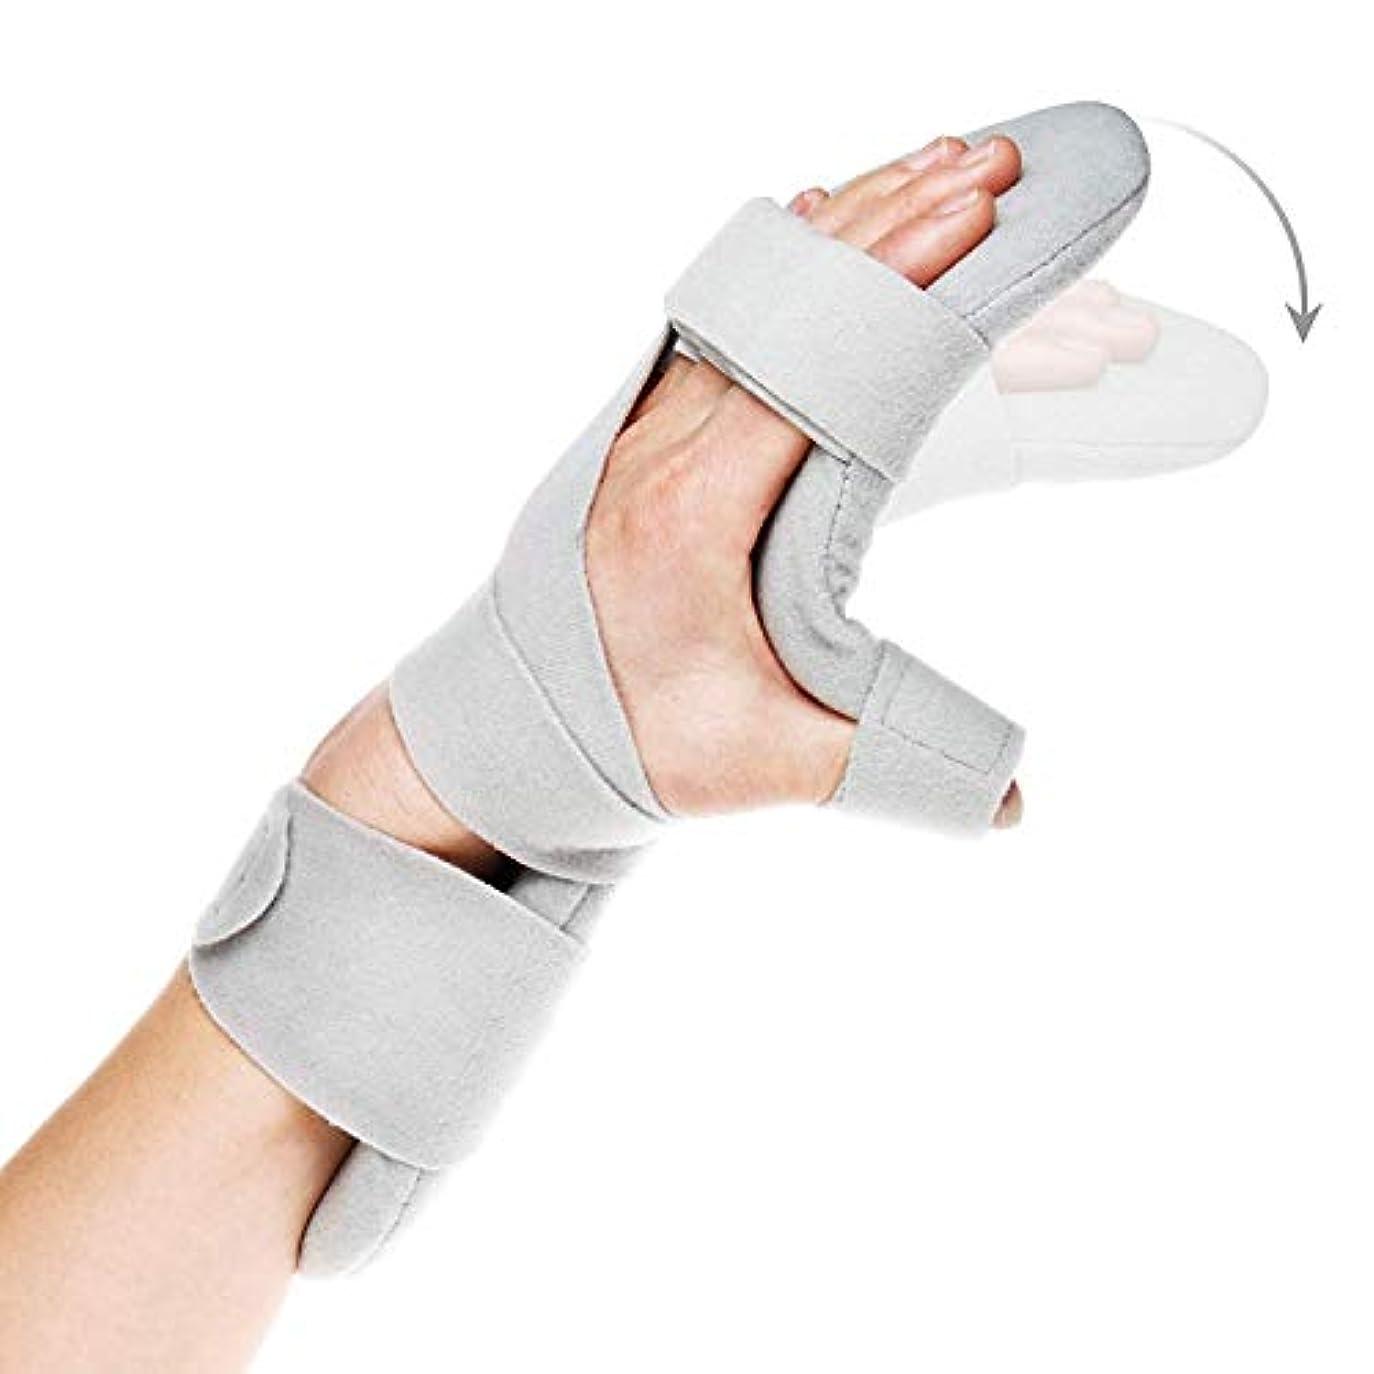 疑問を超えて価値のない圧縮疼痛腱炎捻挫骨折関節炎脱臼用安静時ハンドスプリントナイトリストバンドイモビライザーサポート (Size : Left Hand)